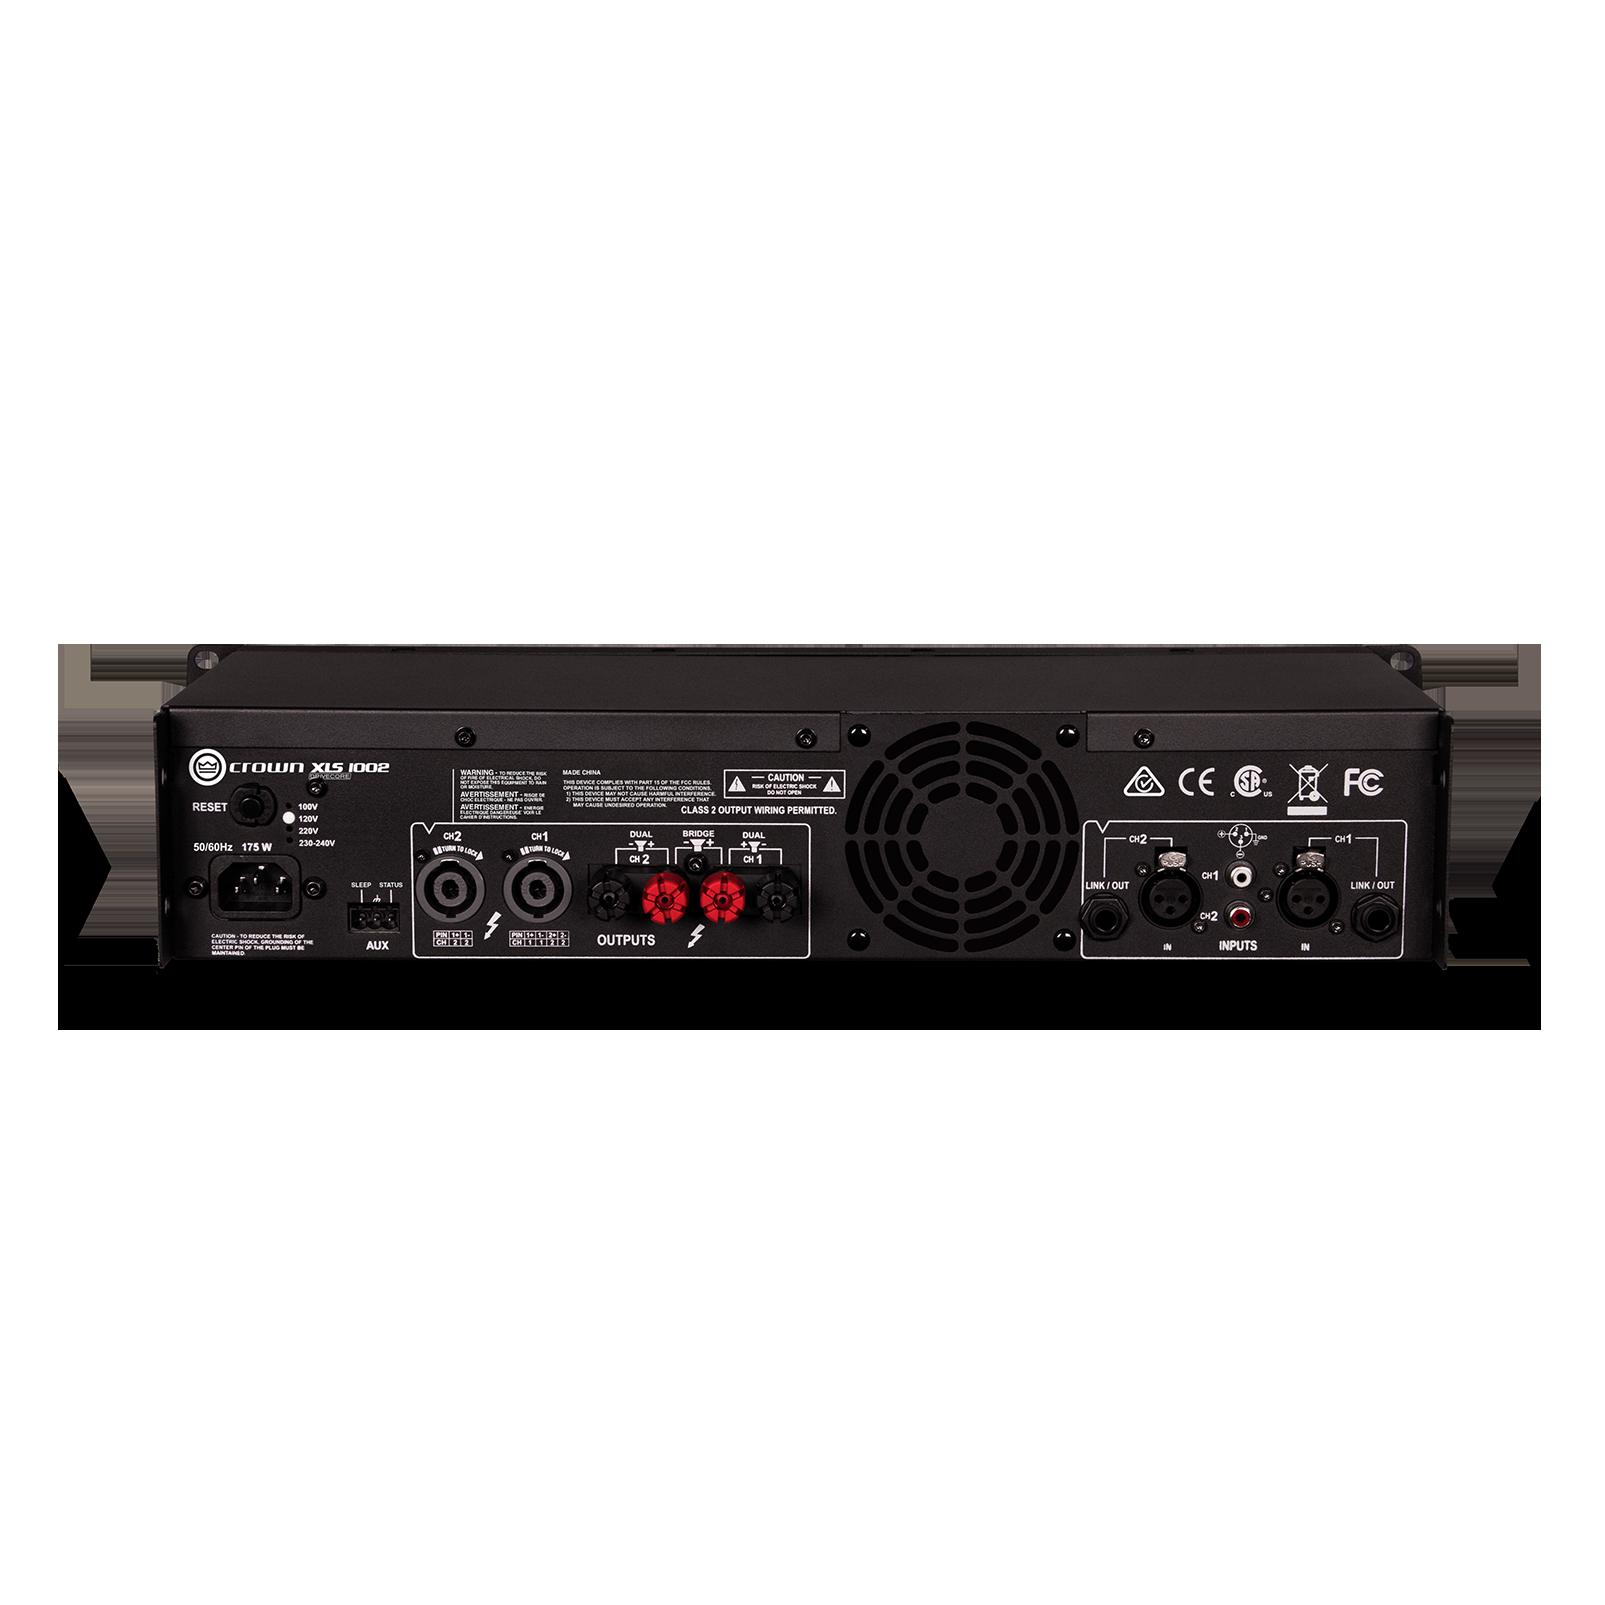 XLS 1002 - Black - Two-channel, 350W @ 4Ω power amplifier - Back